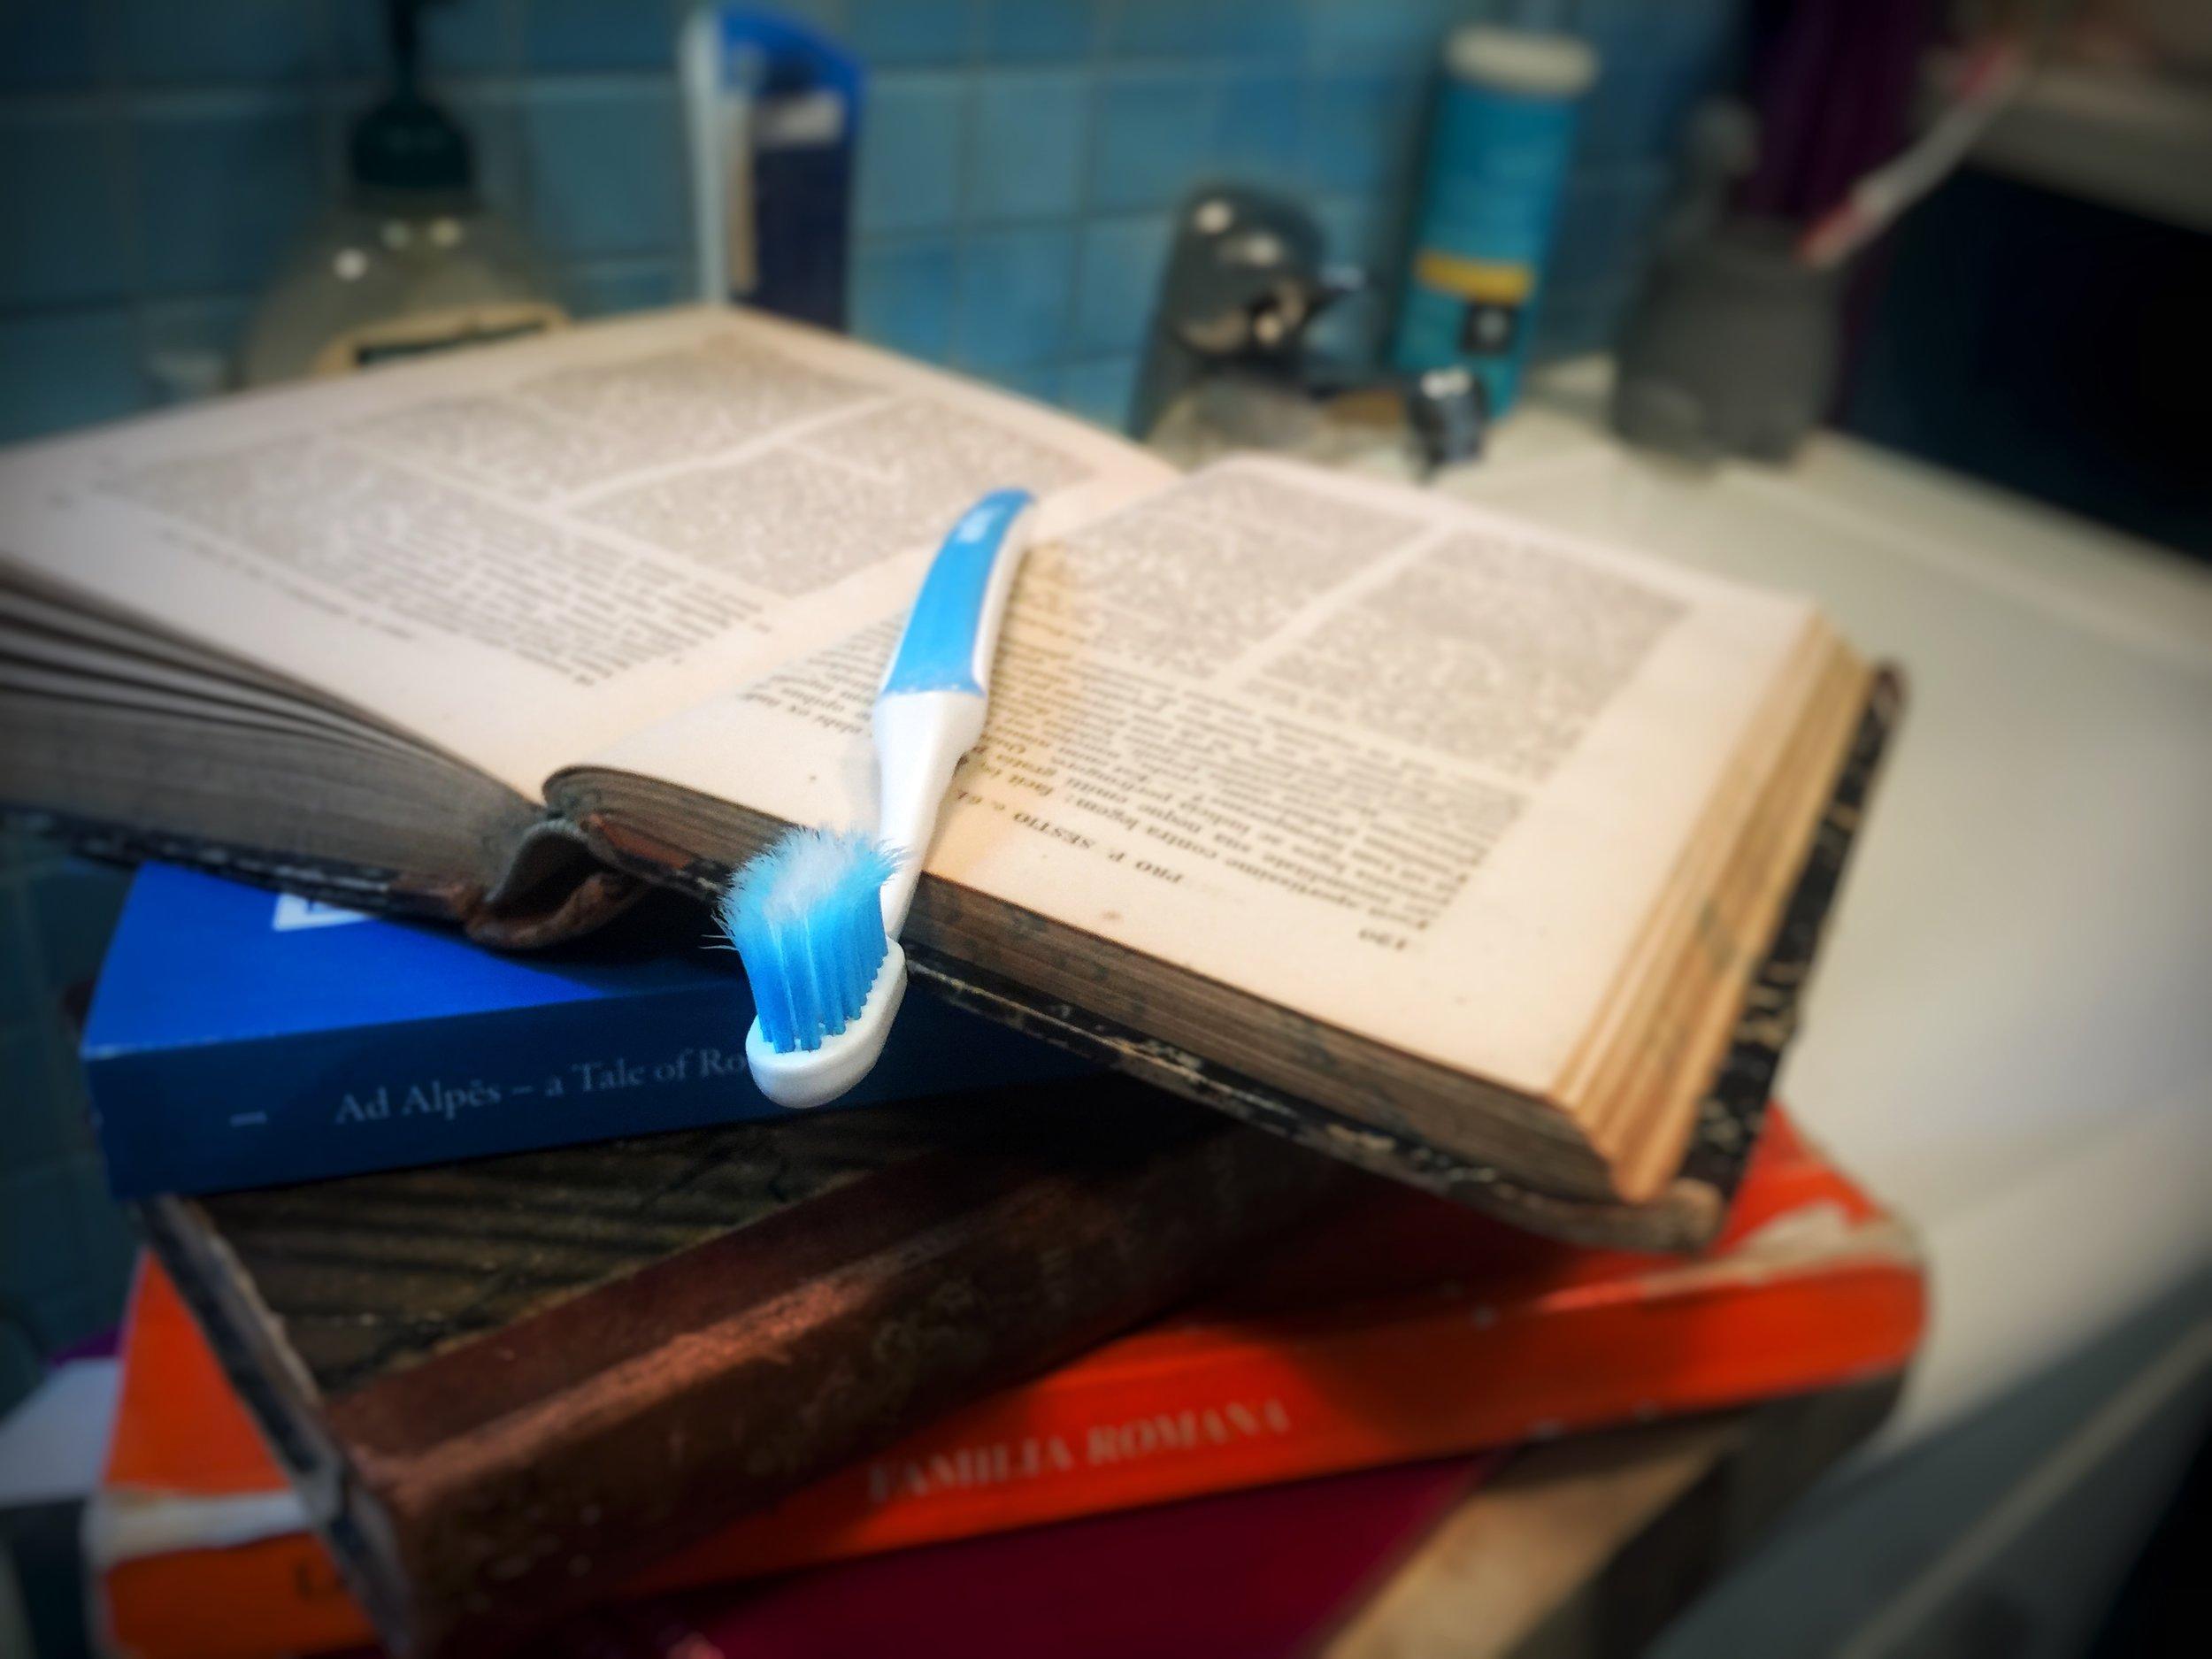 Latin habits, how to learn latin, latinitium.com photo Amelie Rosengren.JPG